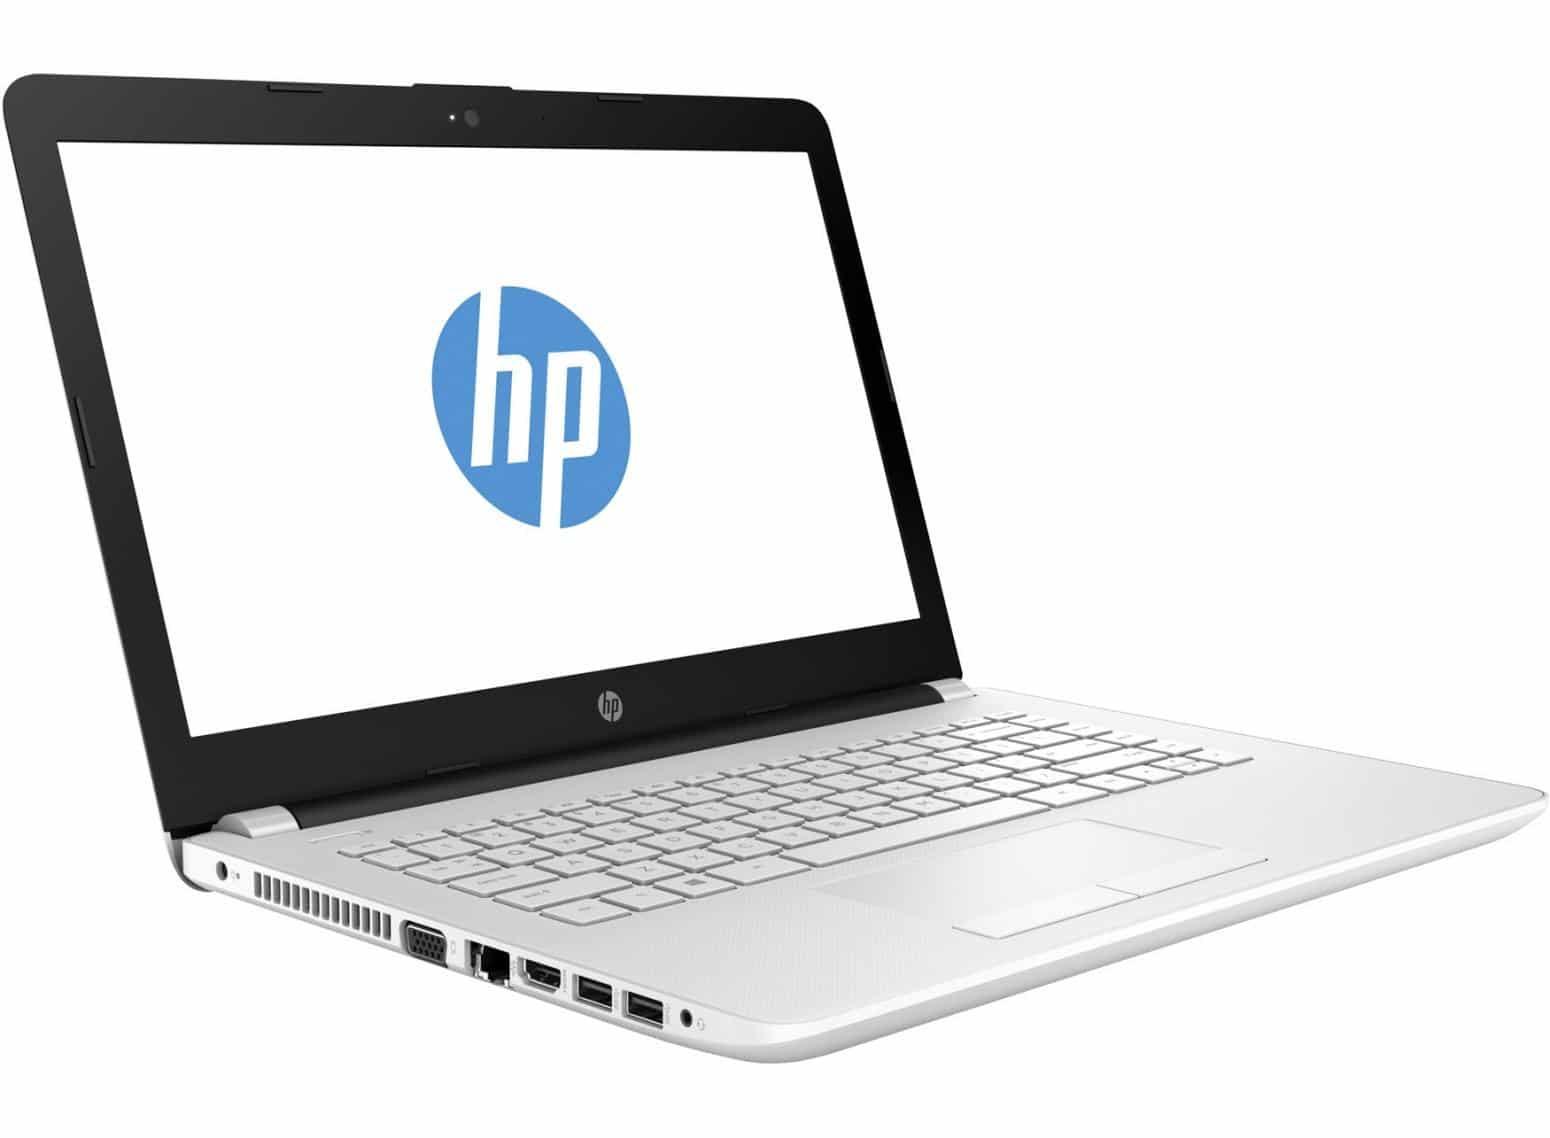 HP 14-bw018nf, PC portable 14 pouces Blanc bureautique 6 Go à 449€